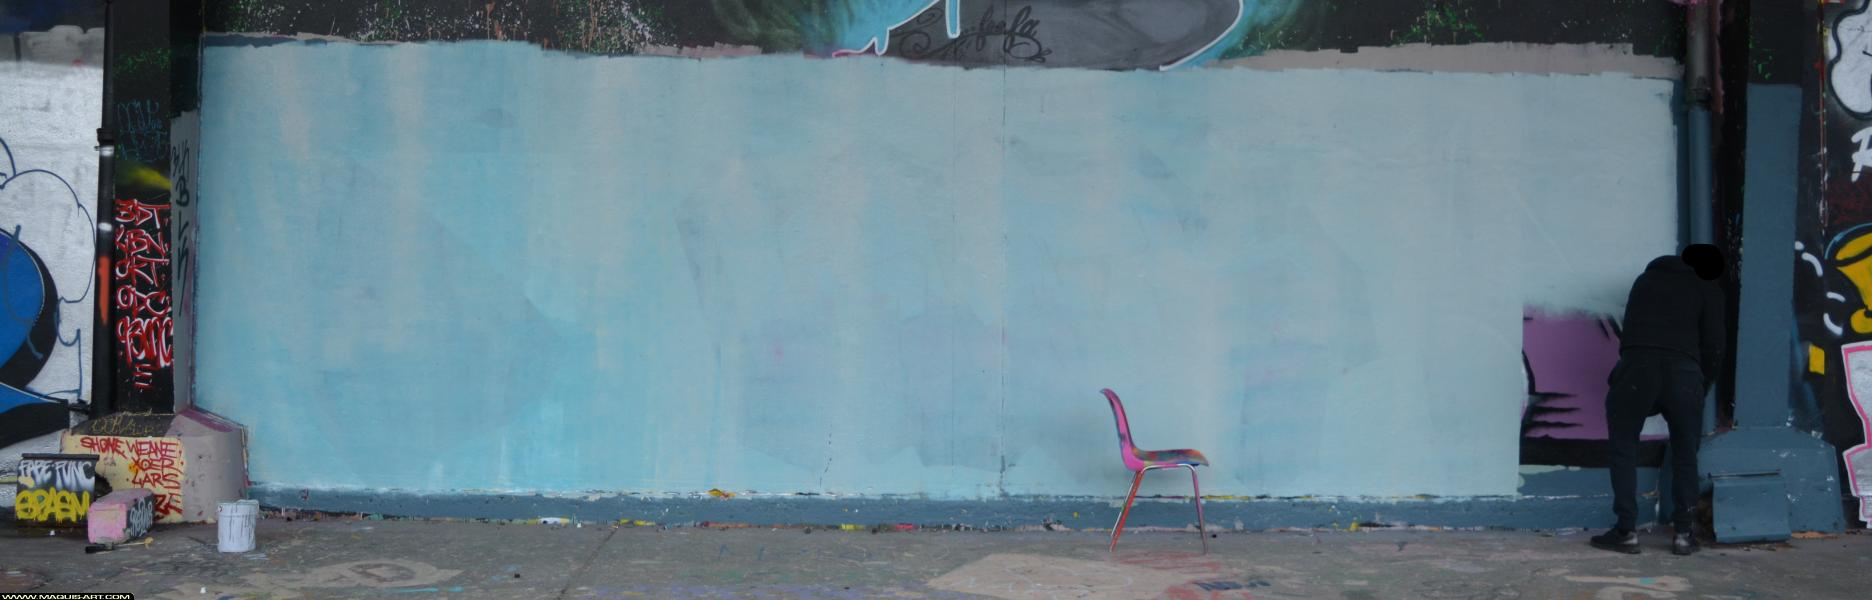 Photo de ZOYER, AOA, 3UP, réalisée au Maquis-art Wall of fame - L'aérosol, Paris